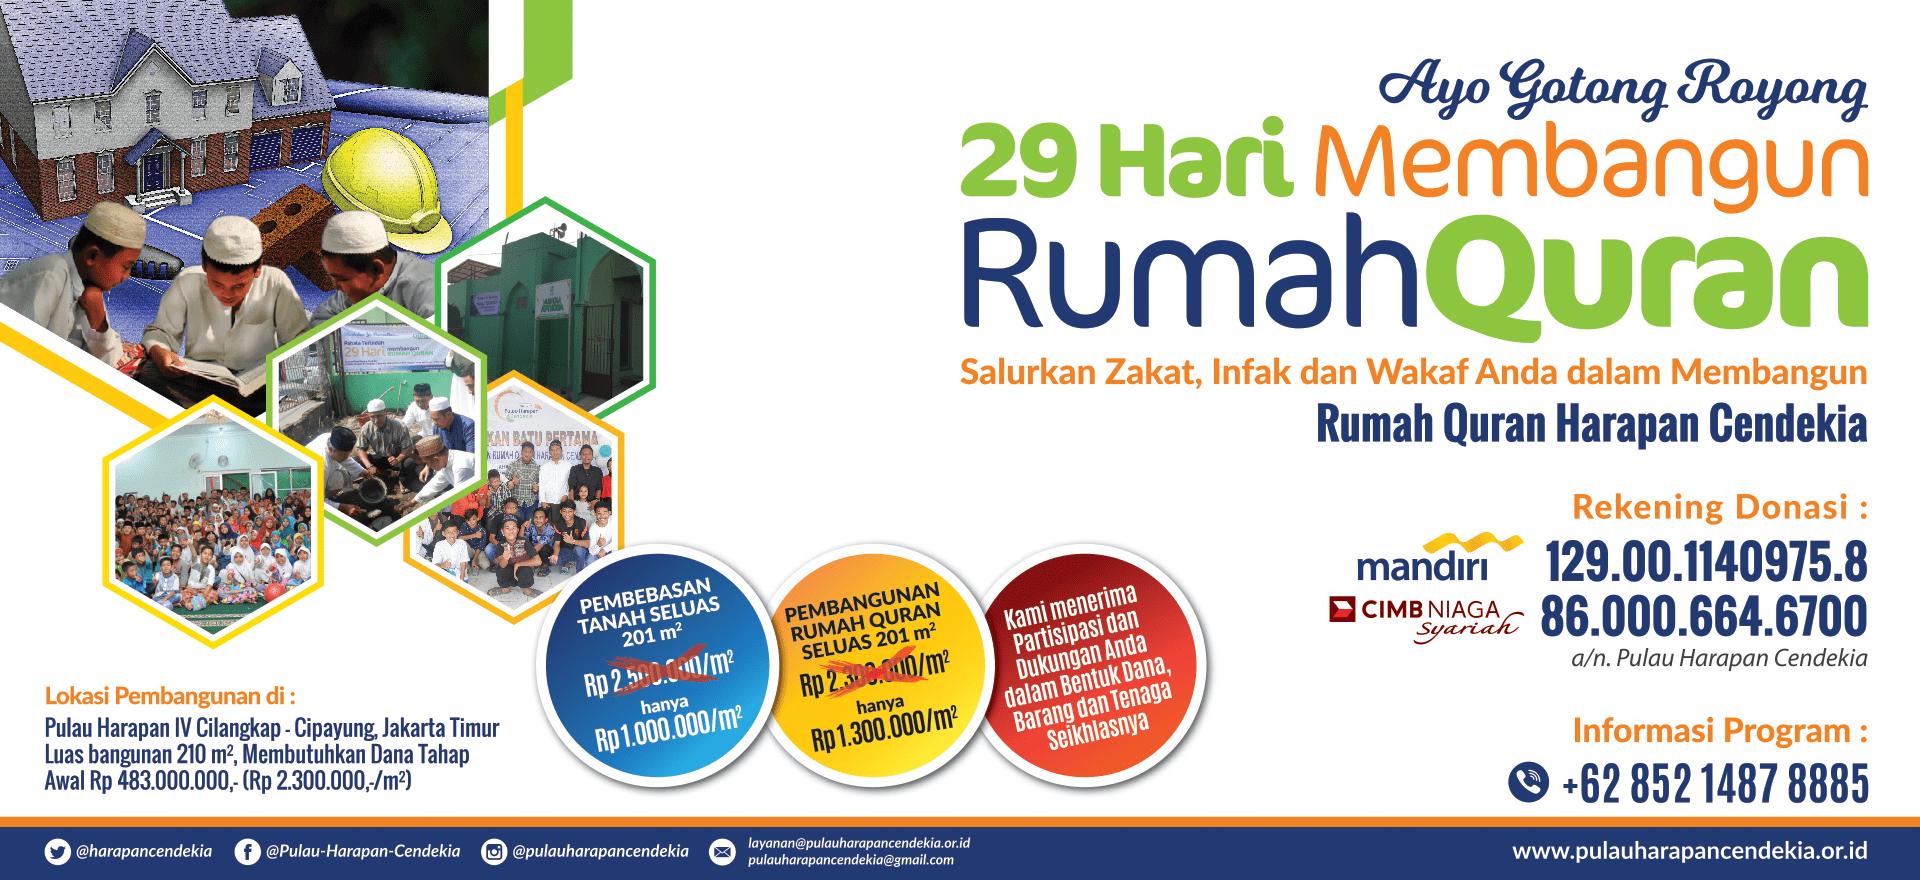 29 Hari Membangun Rumah Quran